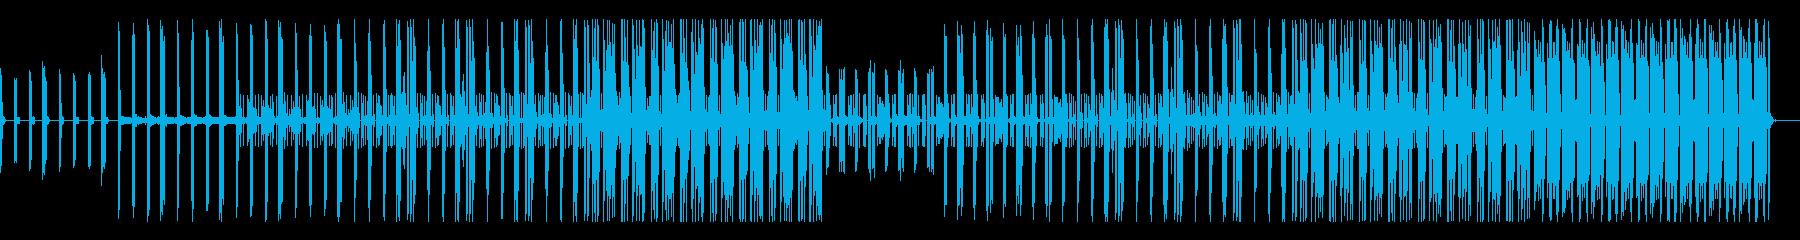 シンセ ダーク サイバー トラップの再生済みの波形